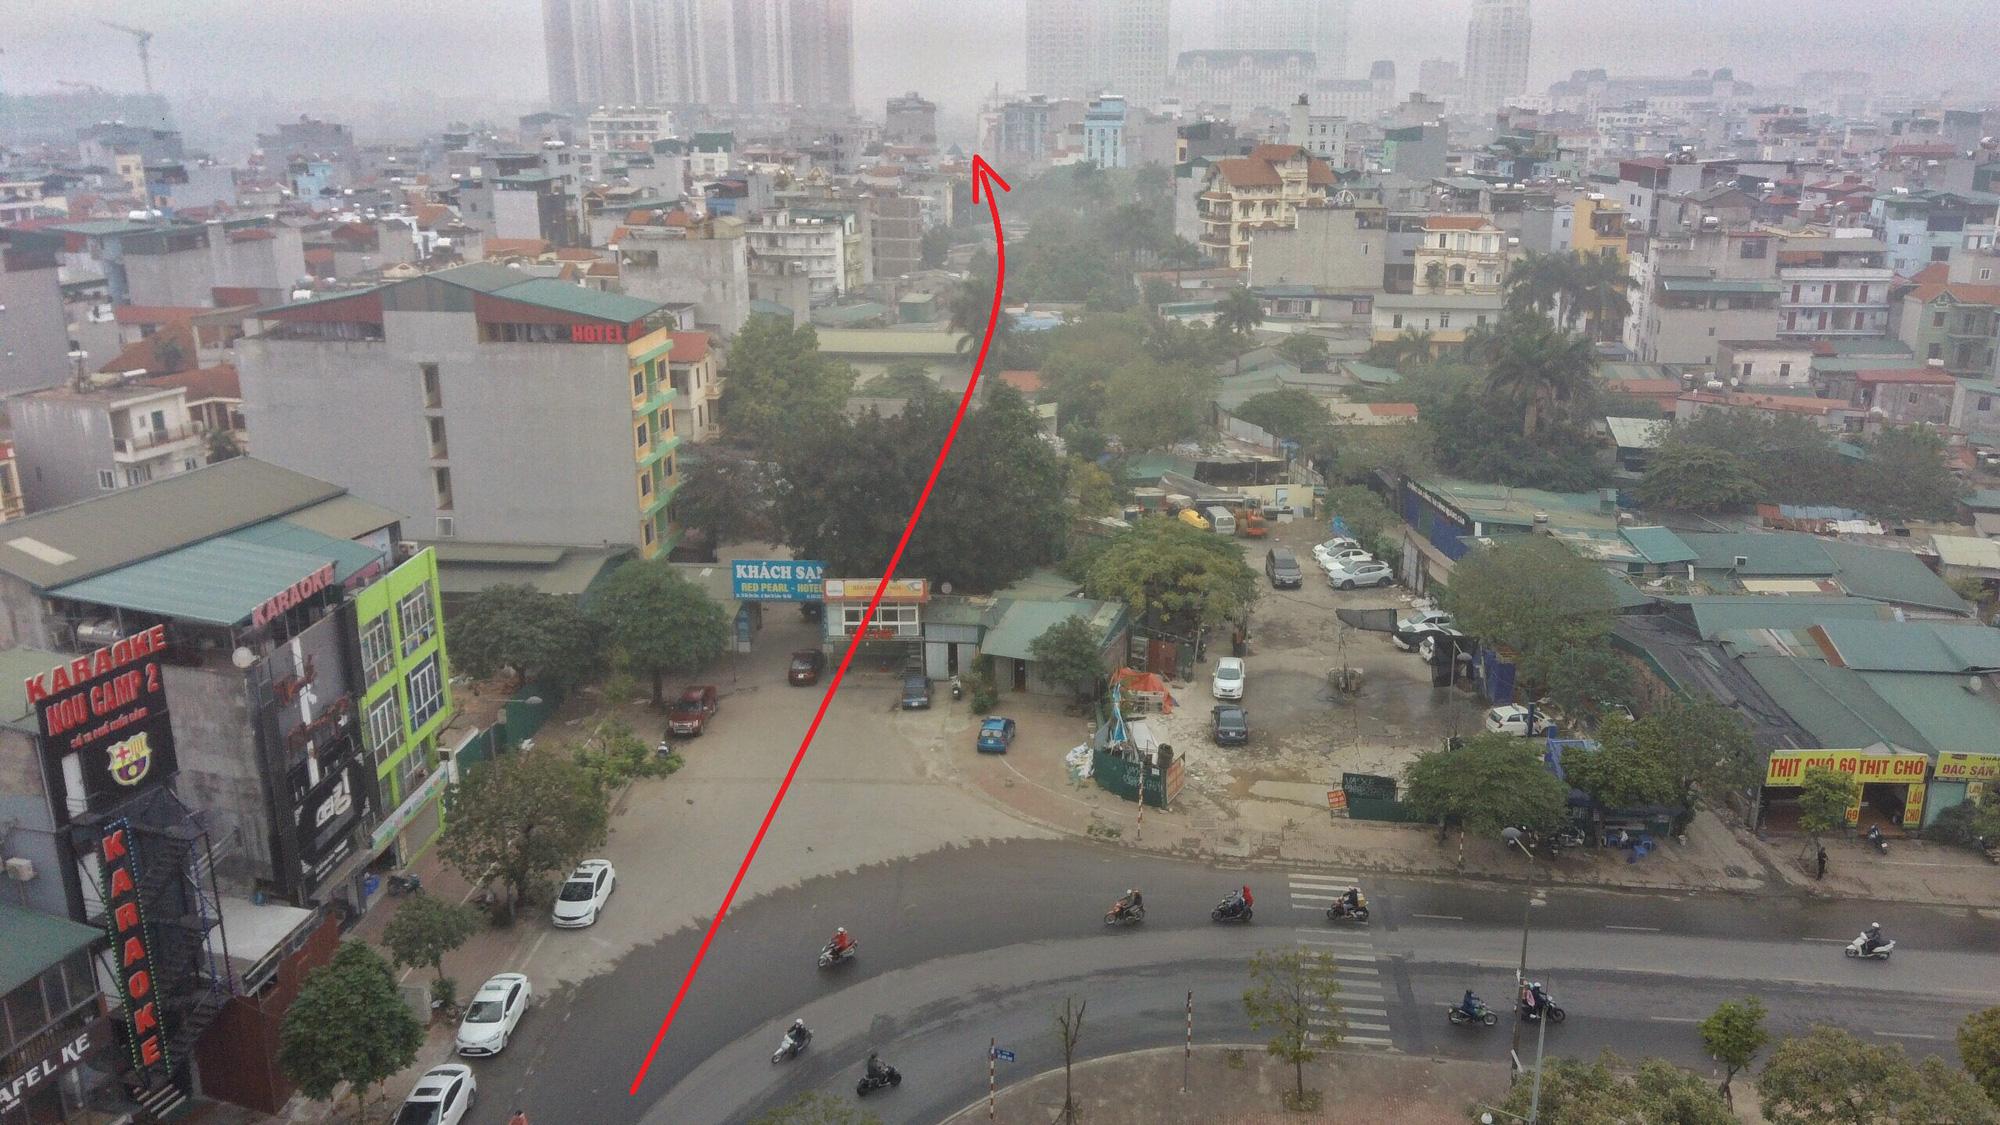 Qui hoạch giao thông Hà Nội: 4 đường sẽ mở ở phường Mễ Trì, Nam Từ Liêm - Ảnh 8.